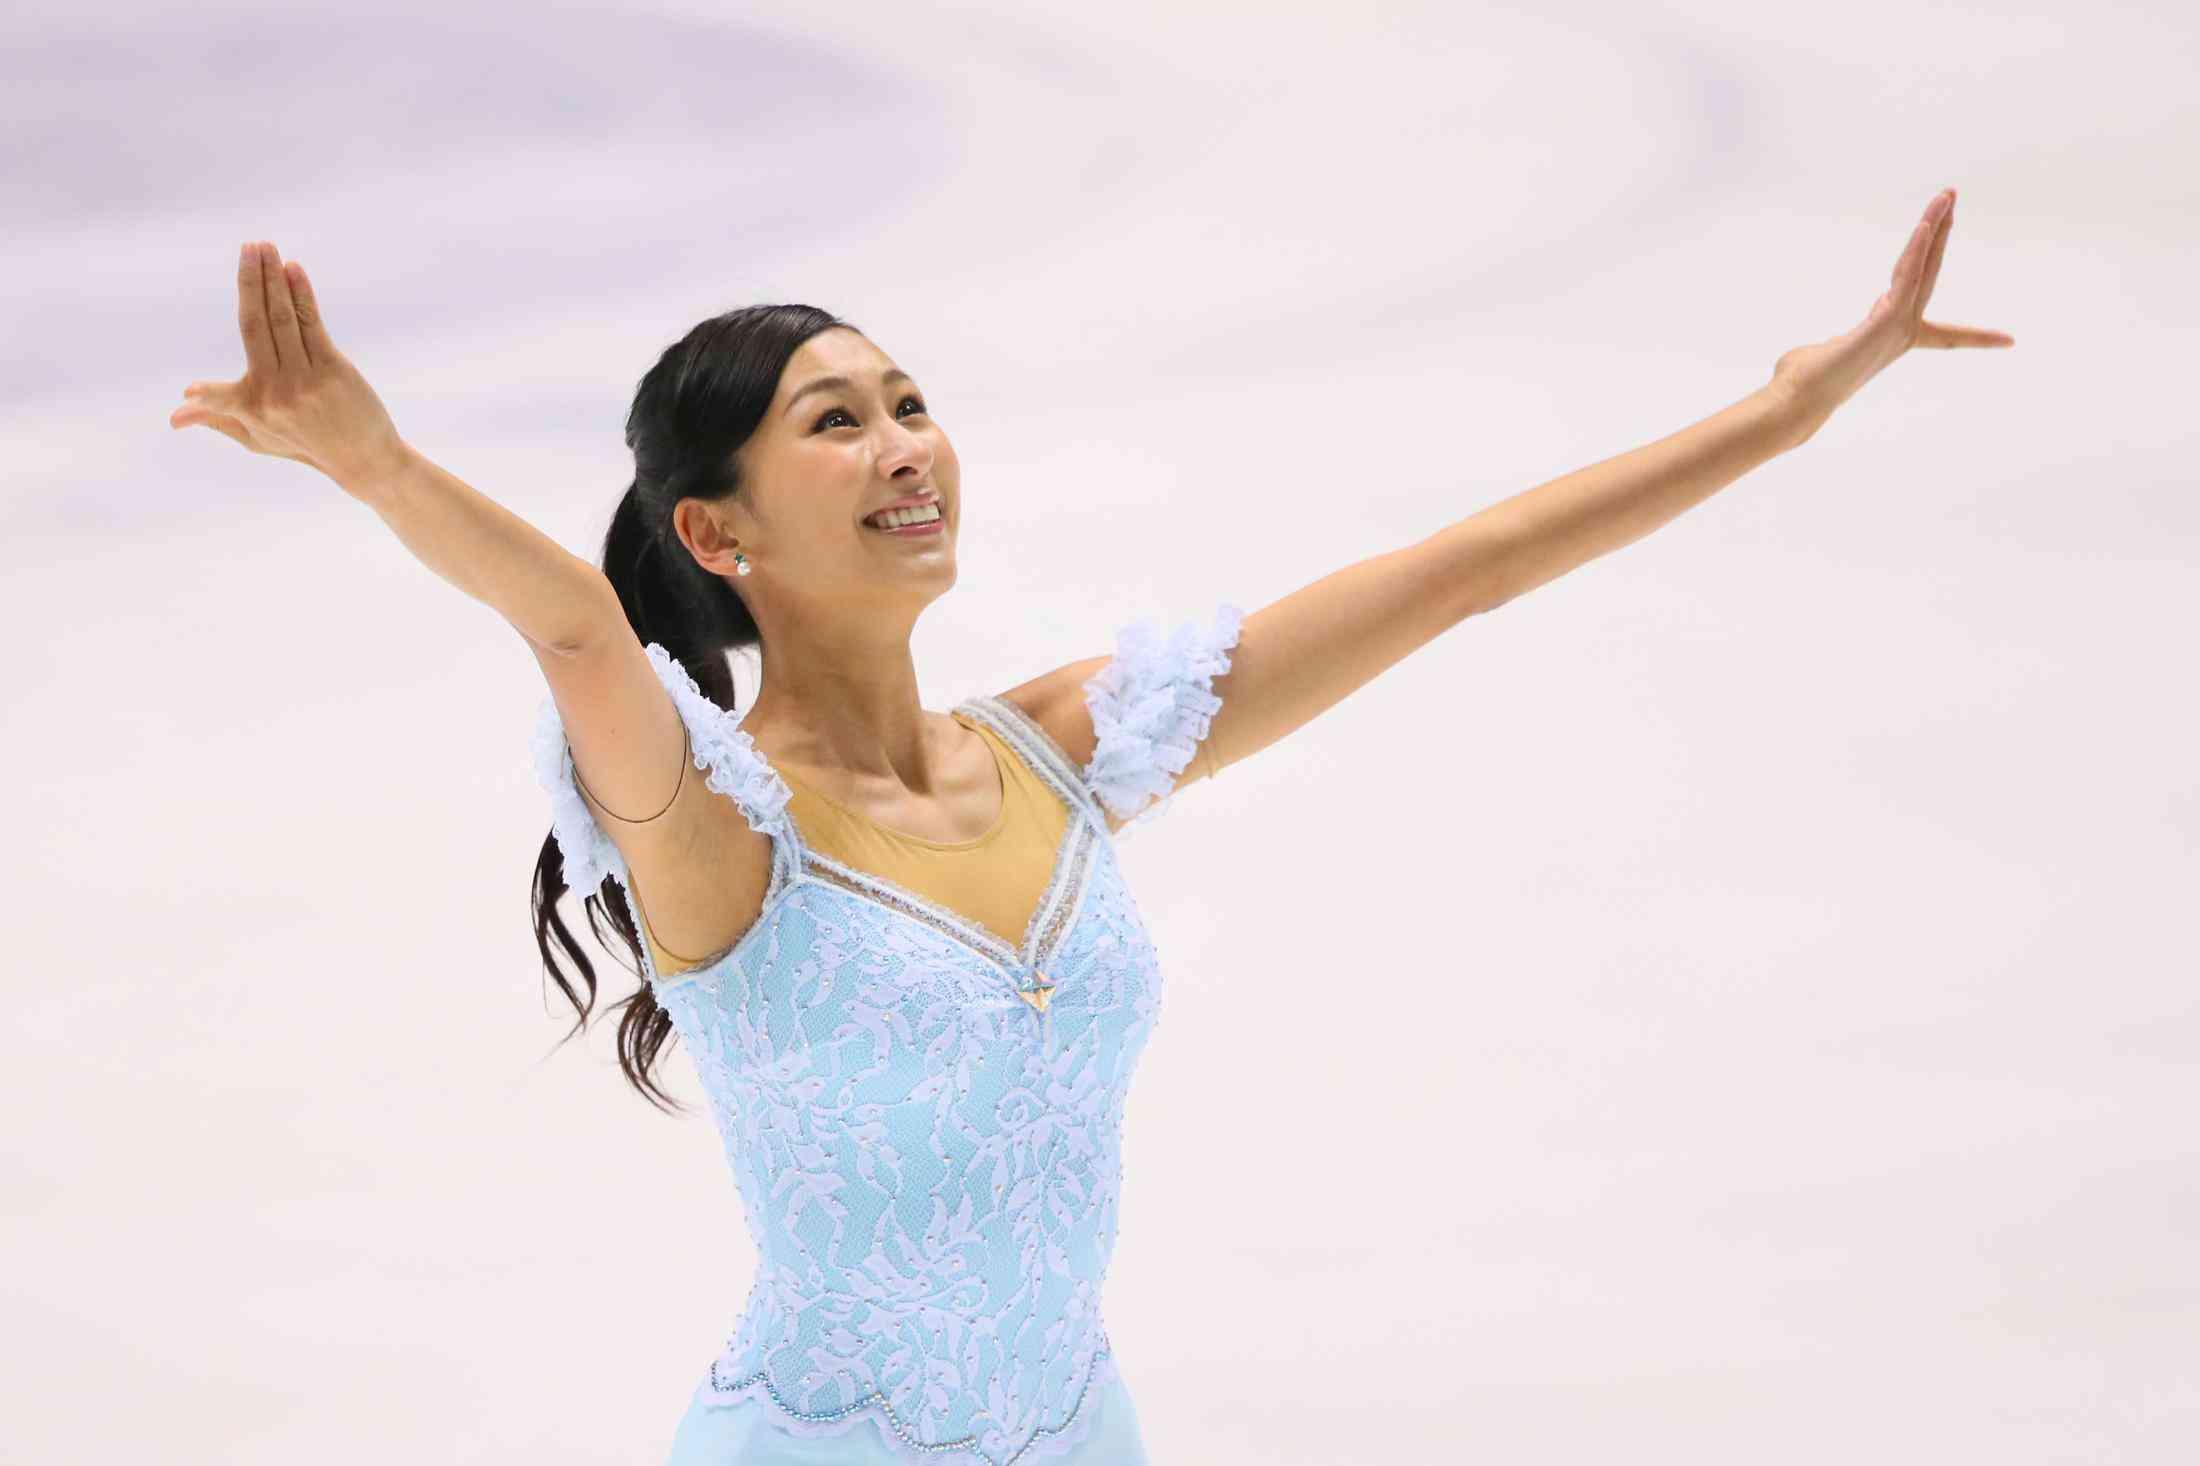 浅田舞、交際人数は3人「優しくされたらすぐ好きになる」 (トレンドニュース(GYAO)) - Yahoo!ニュース